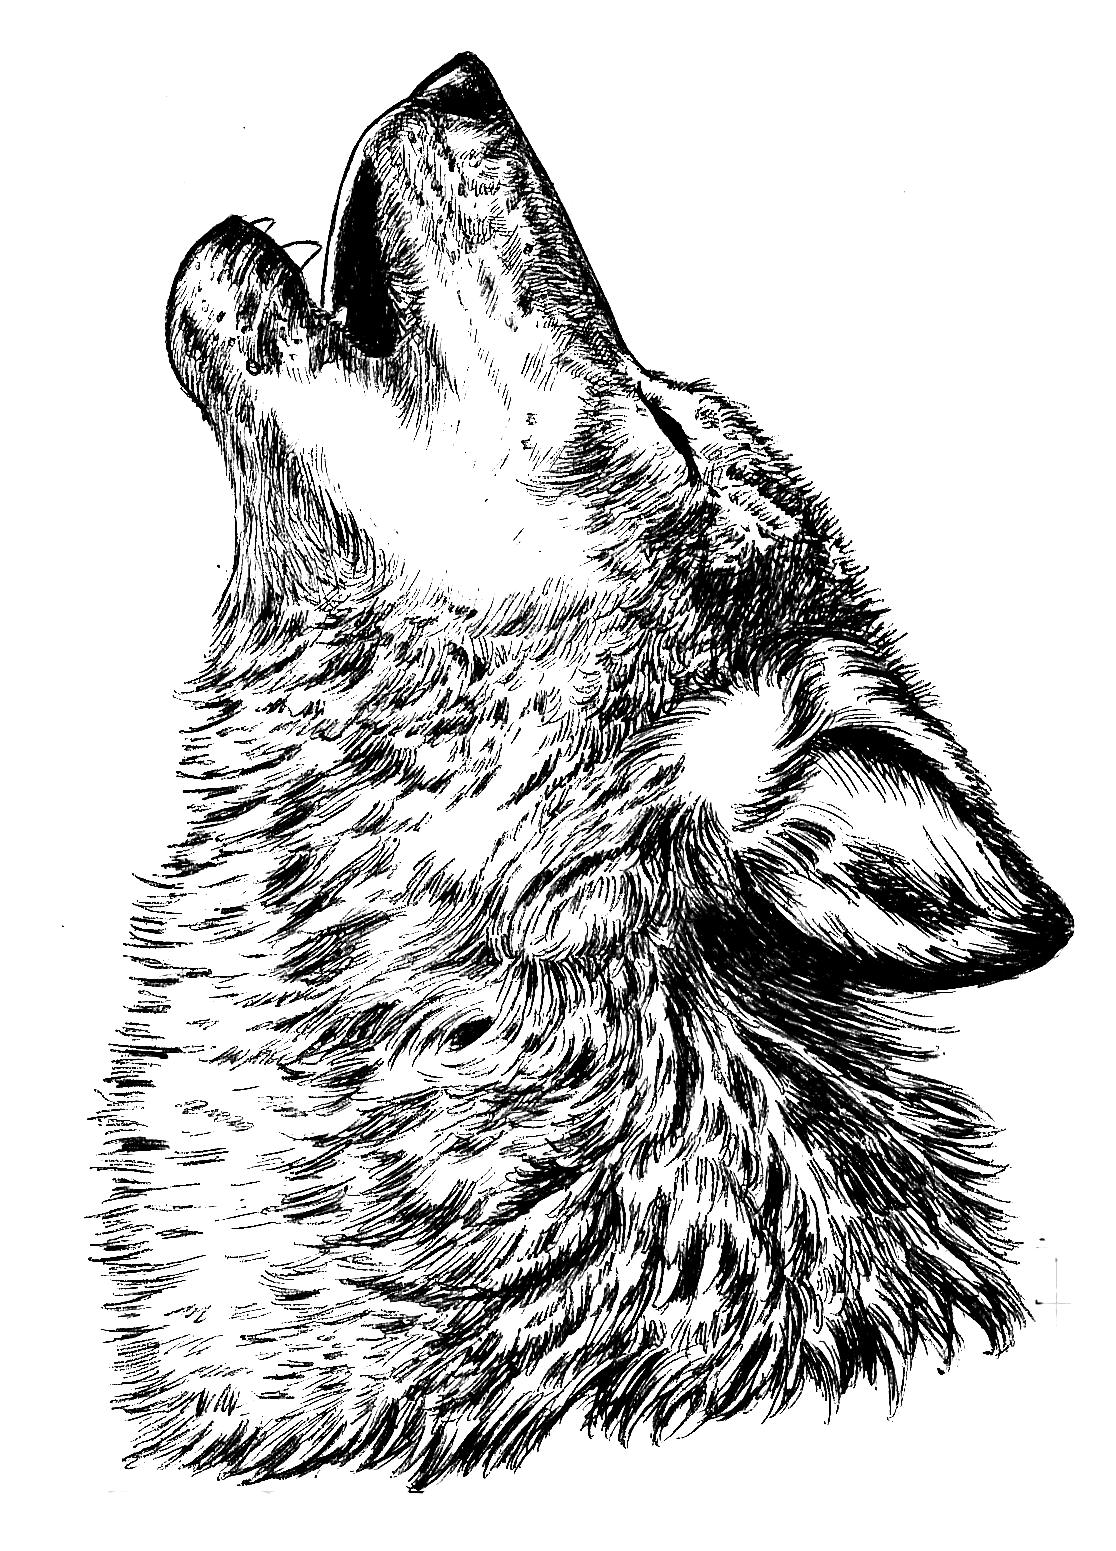 Картинка для выжигания волк воет на луну